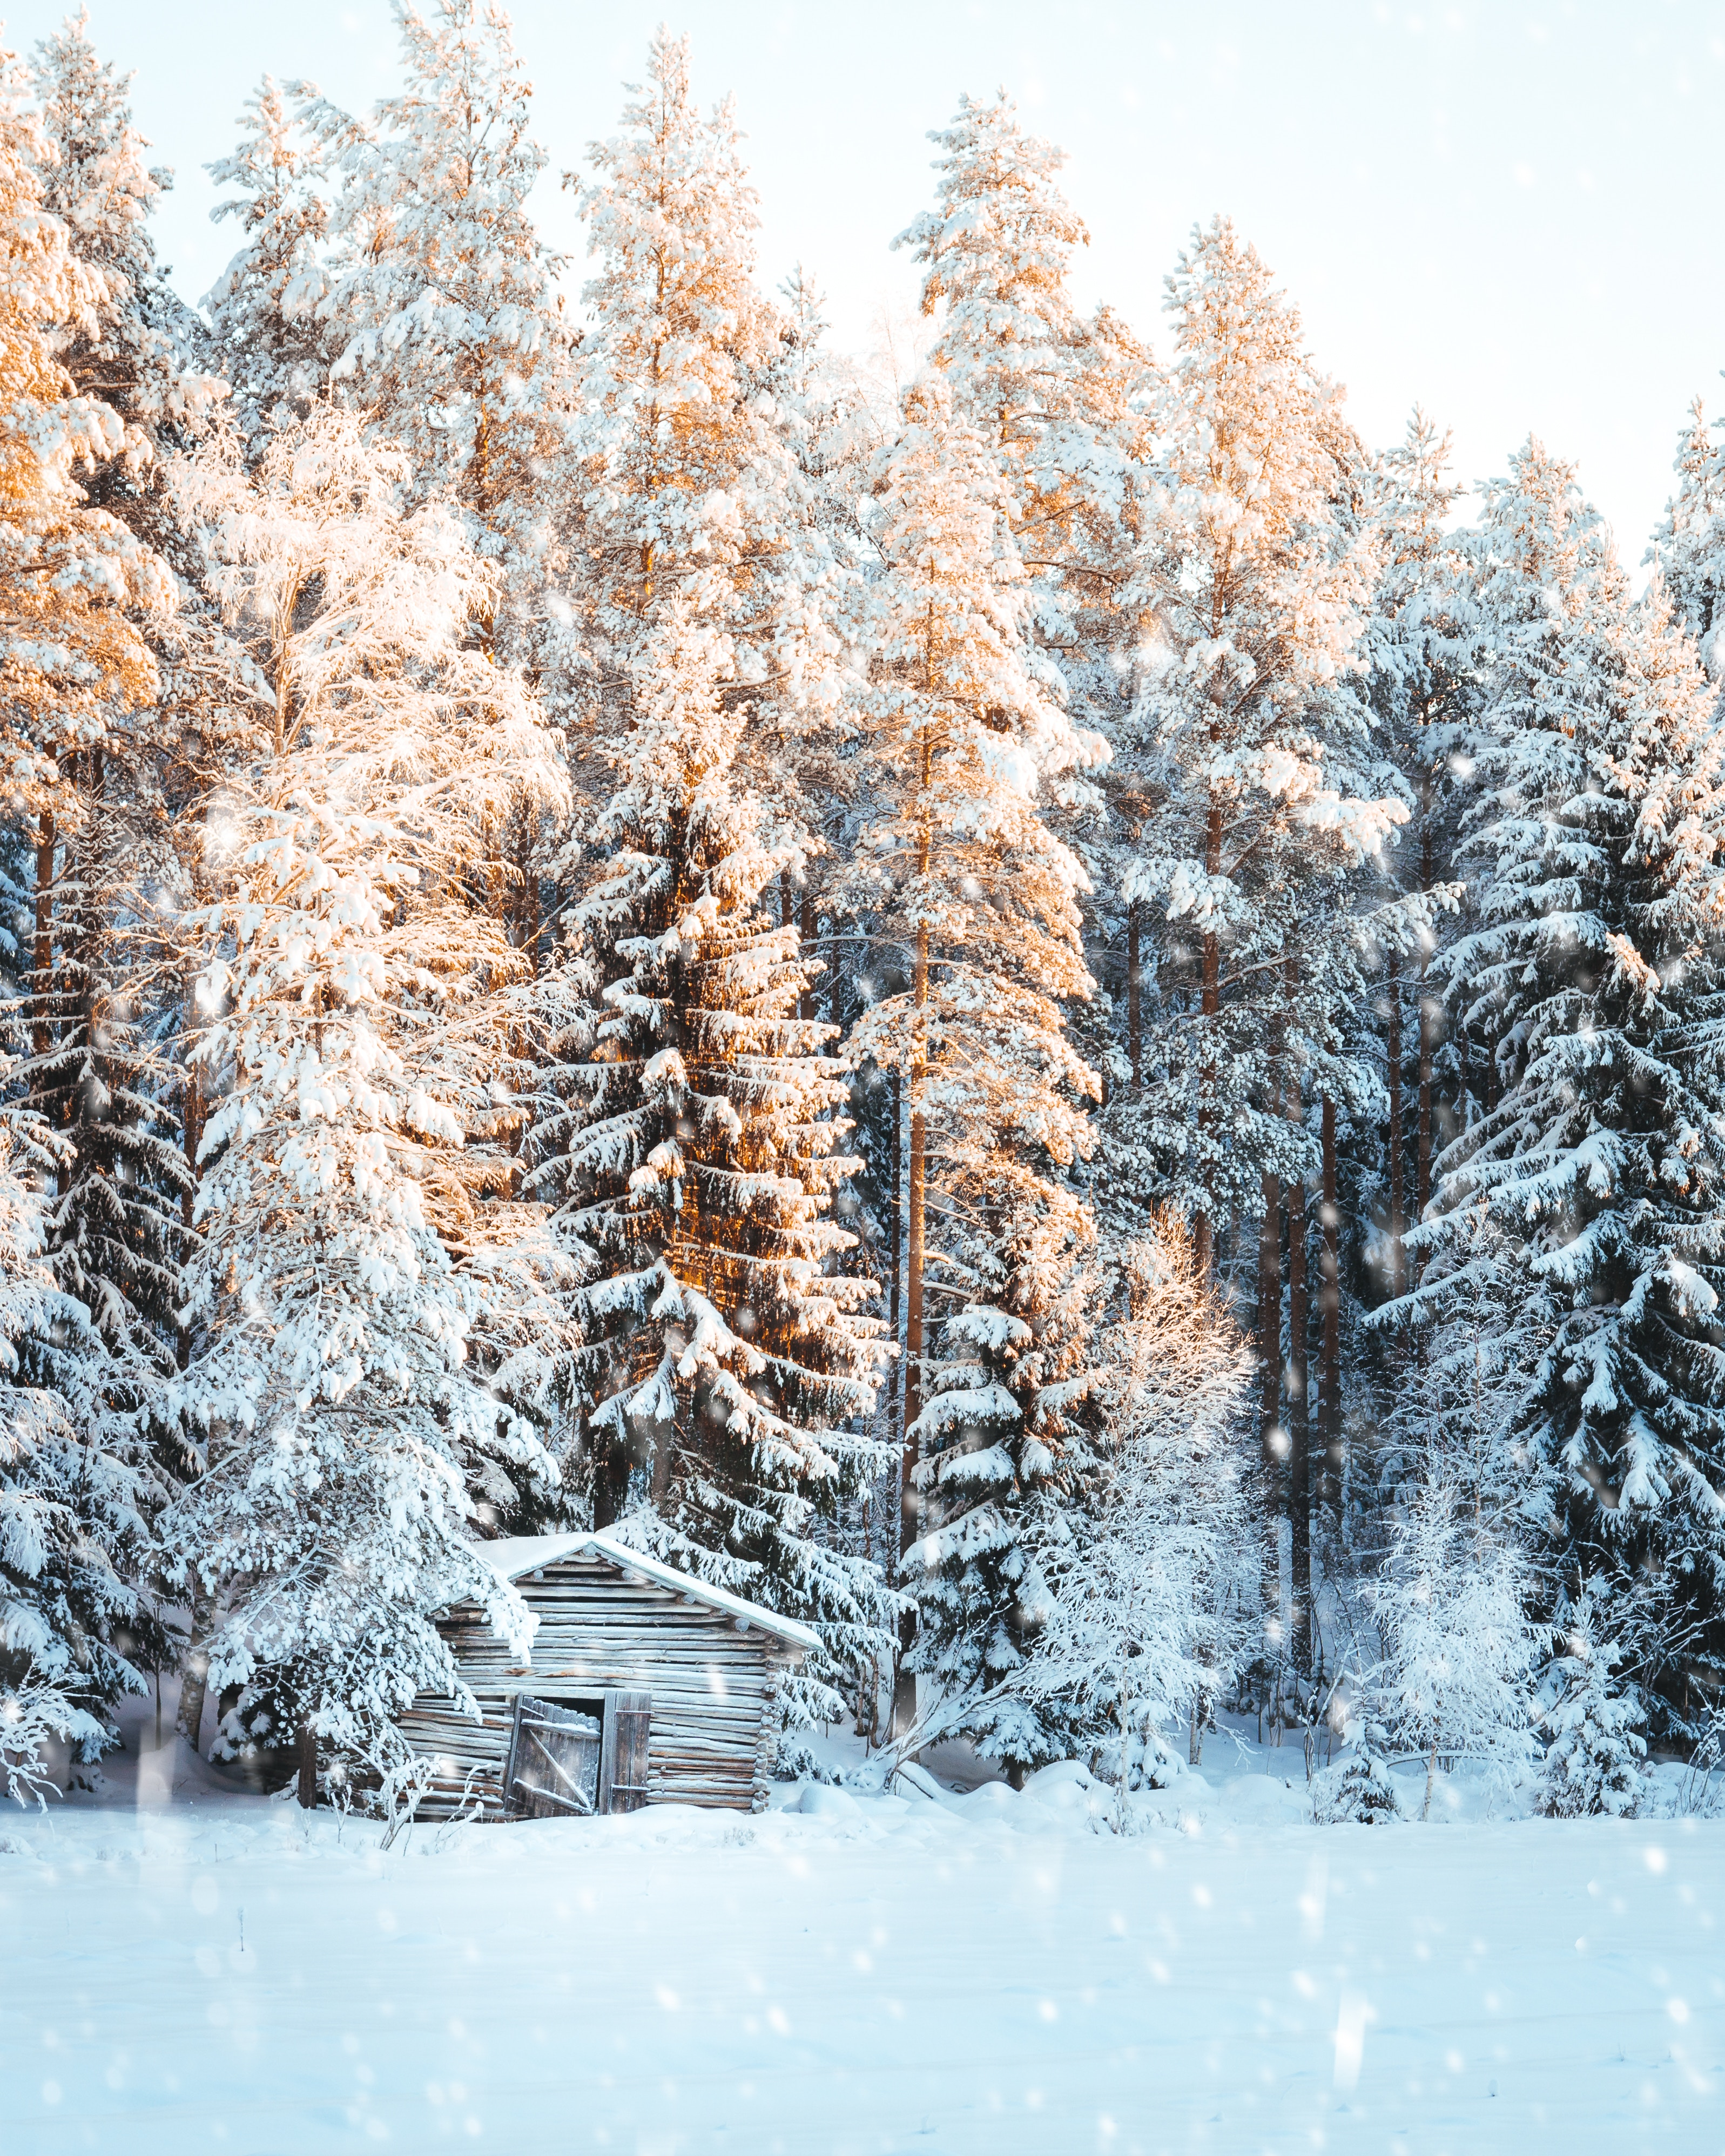 68990 скачать обои Зима, Природа, Деревья, Снег, Свет, Домик, Снегопад - заставки и картинки бесплатно